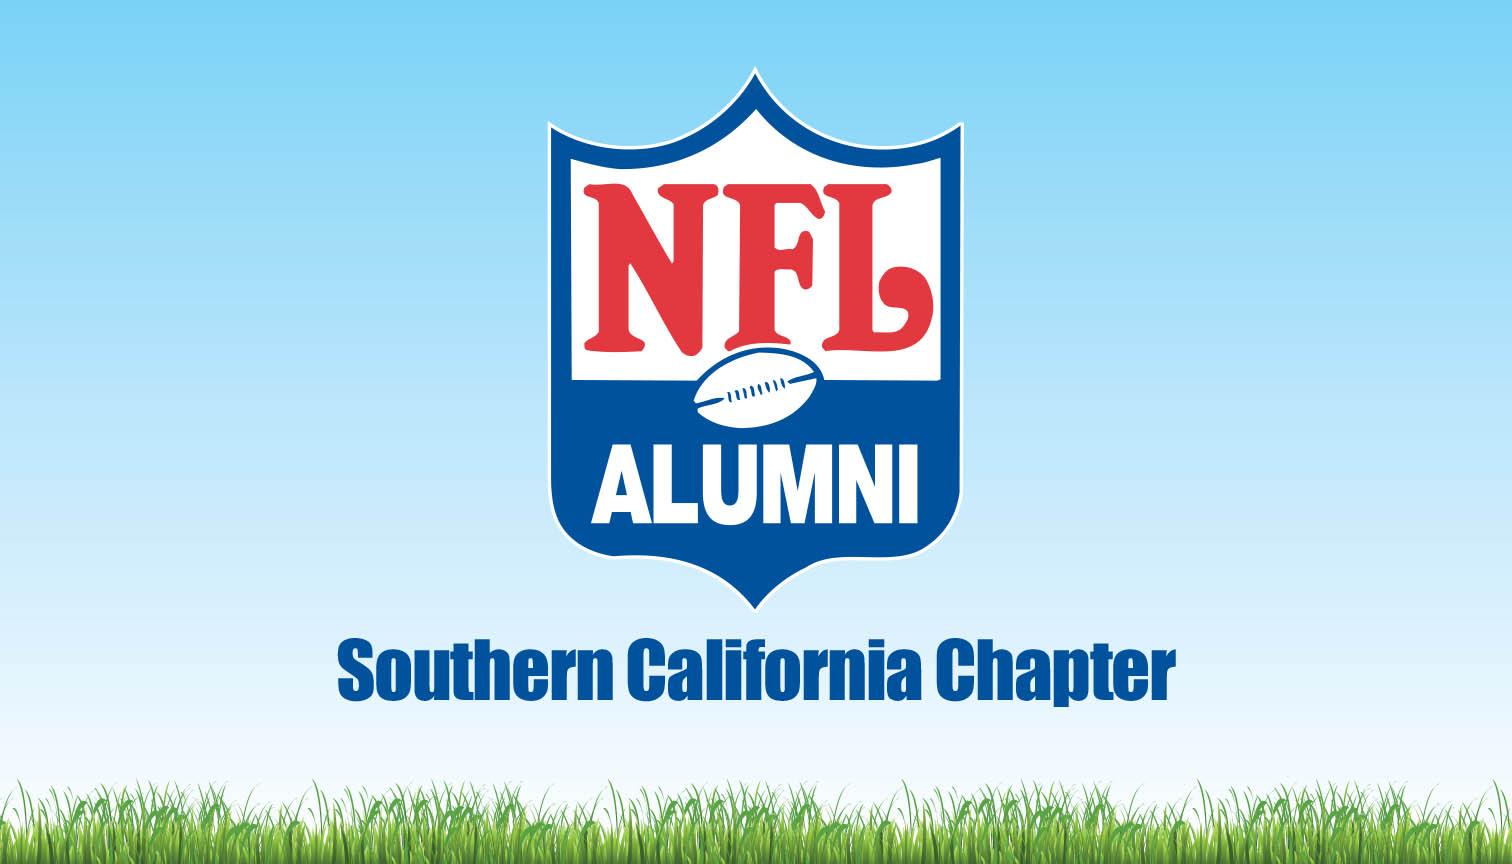 NFL Alumni SoCal Chapter